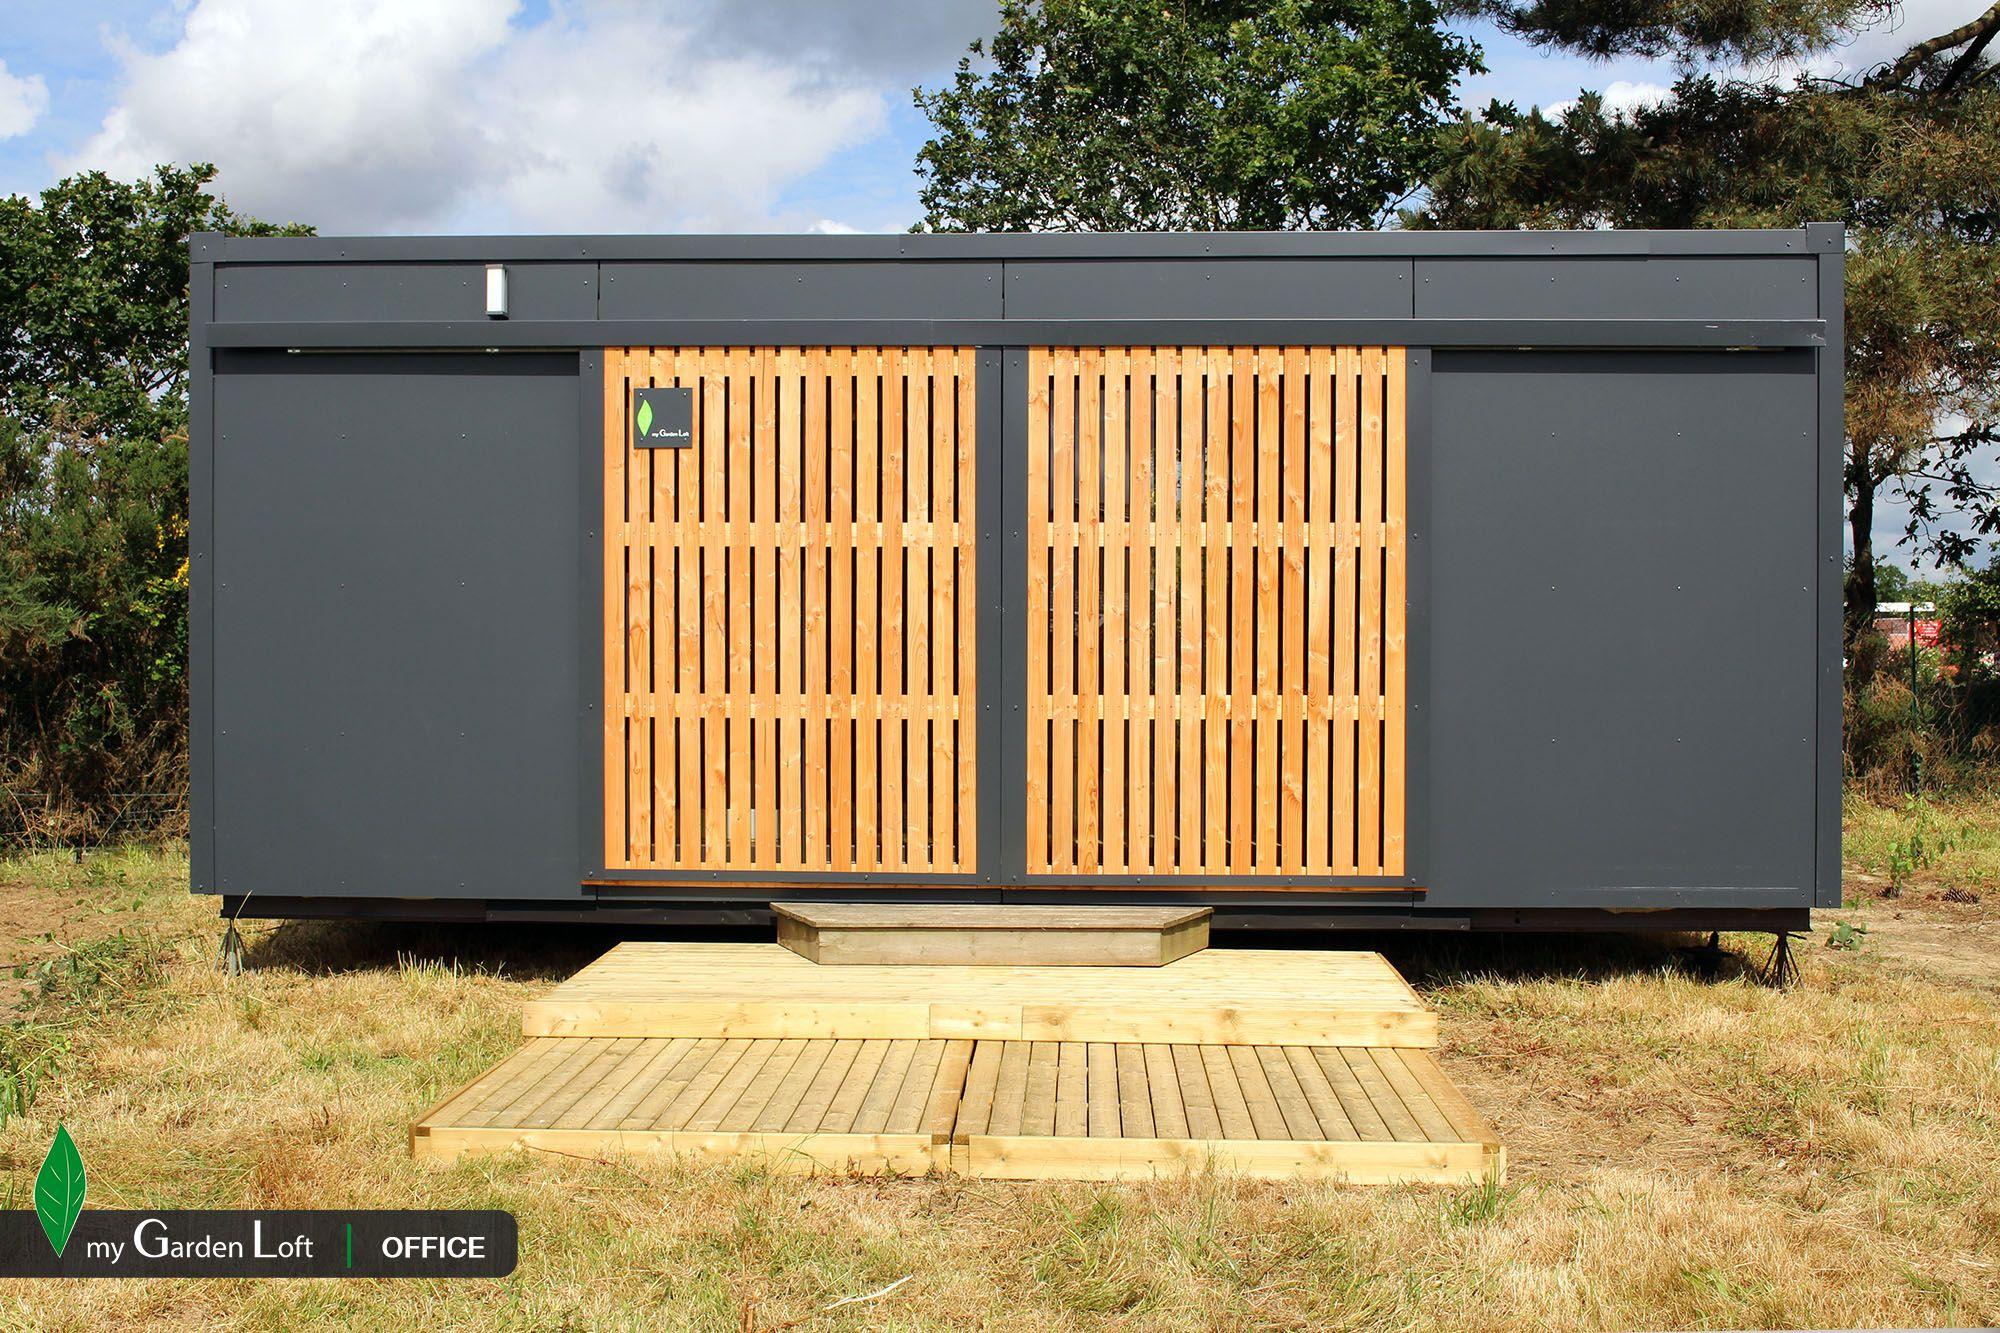 vue ext rieur volets ferm s studio de jardin bureau de. Black Bedroom Furniture Sets. Home Design Ideas